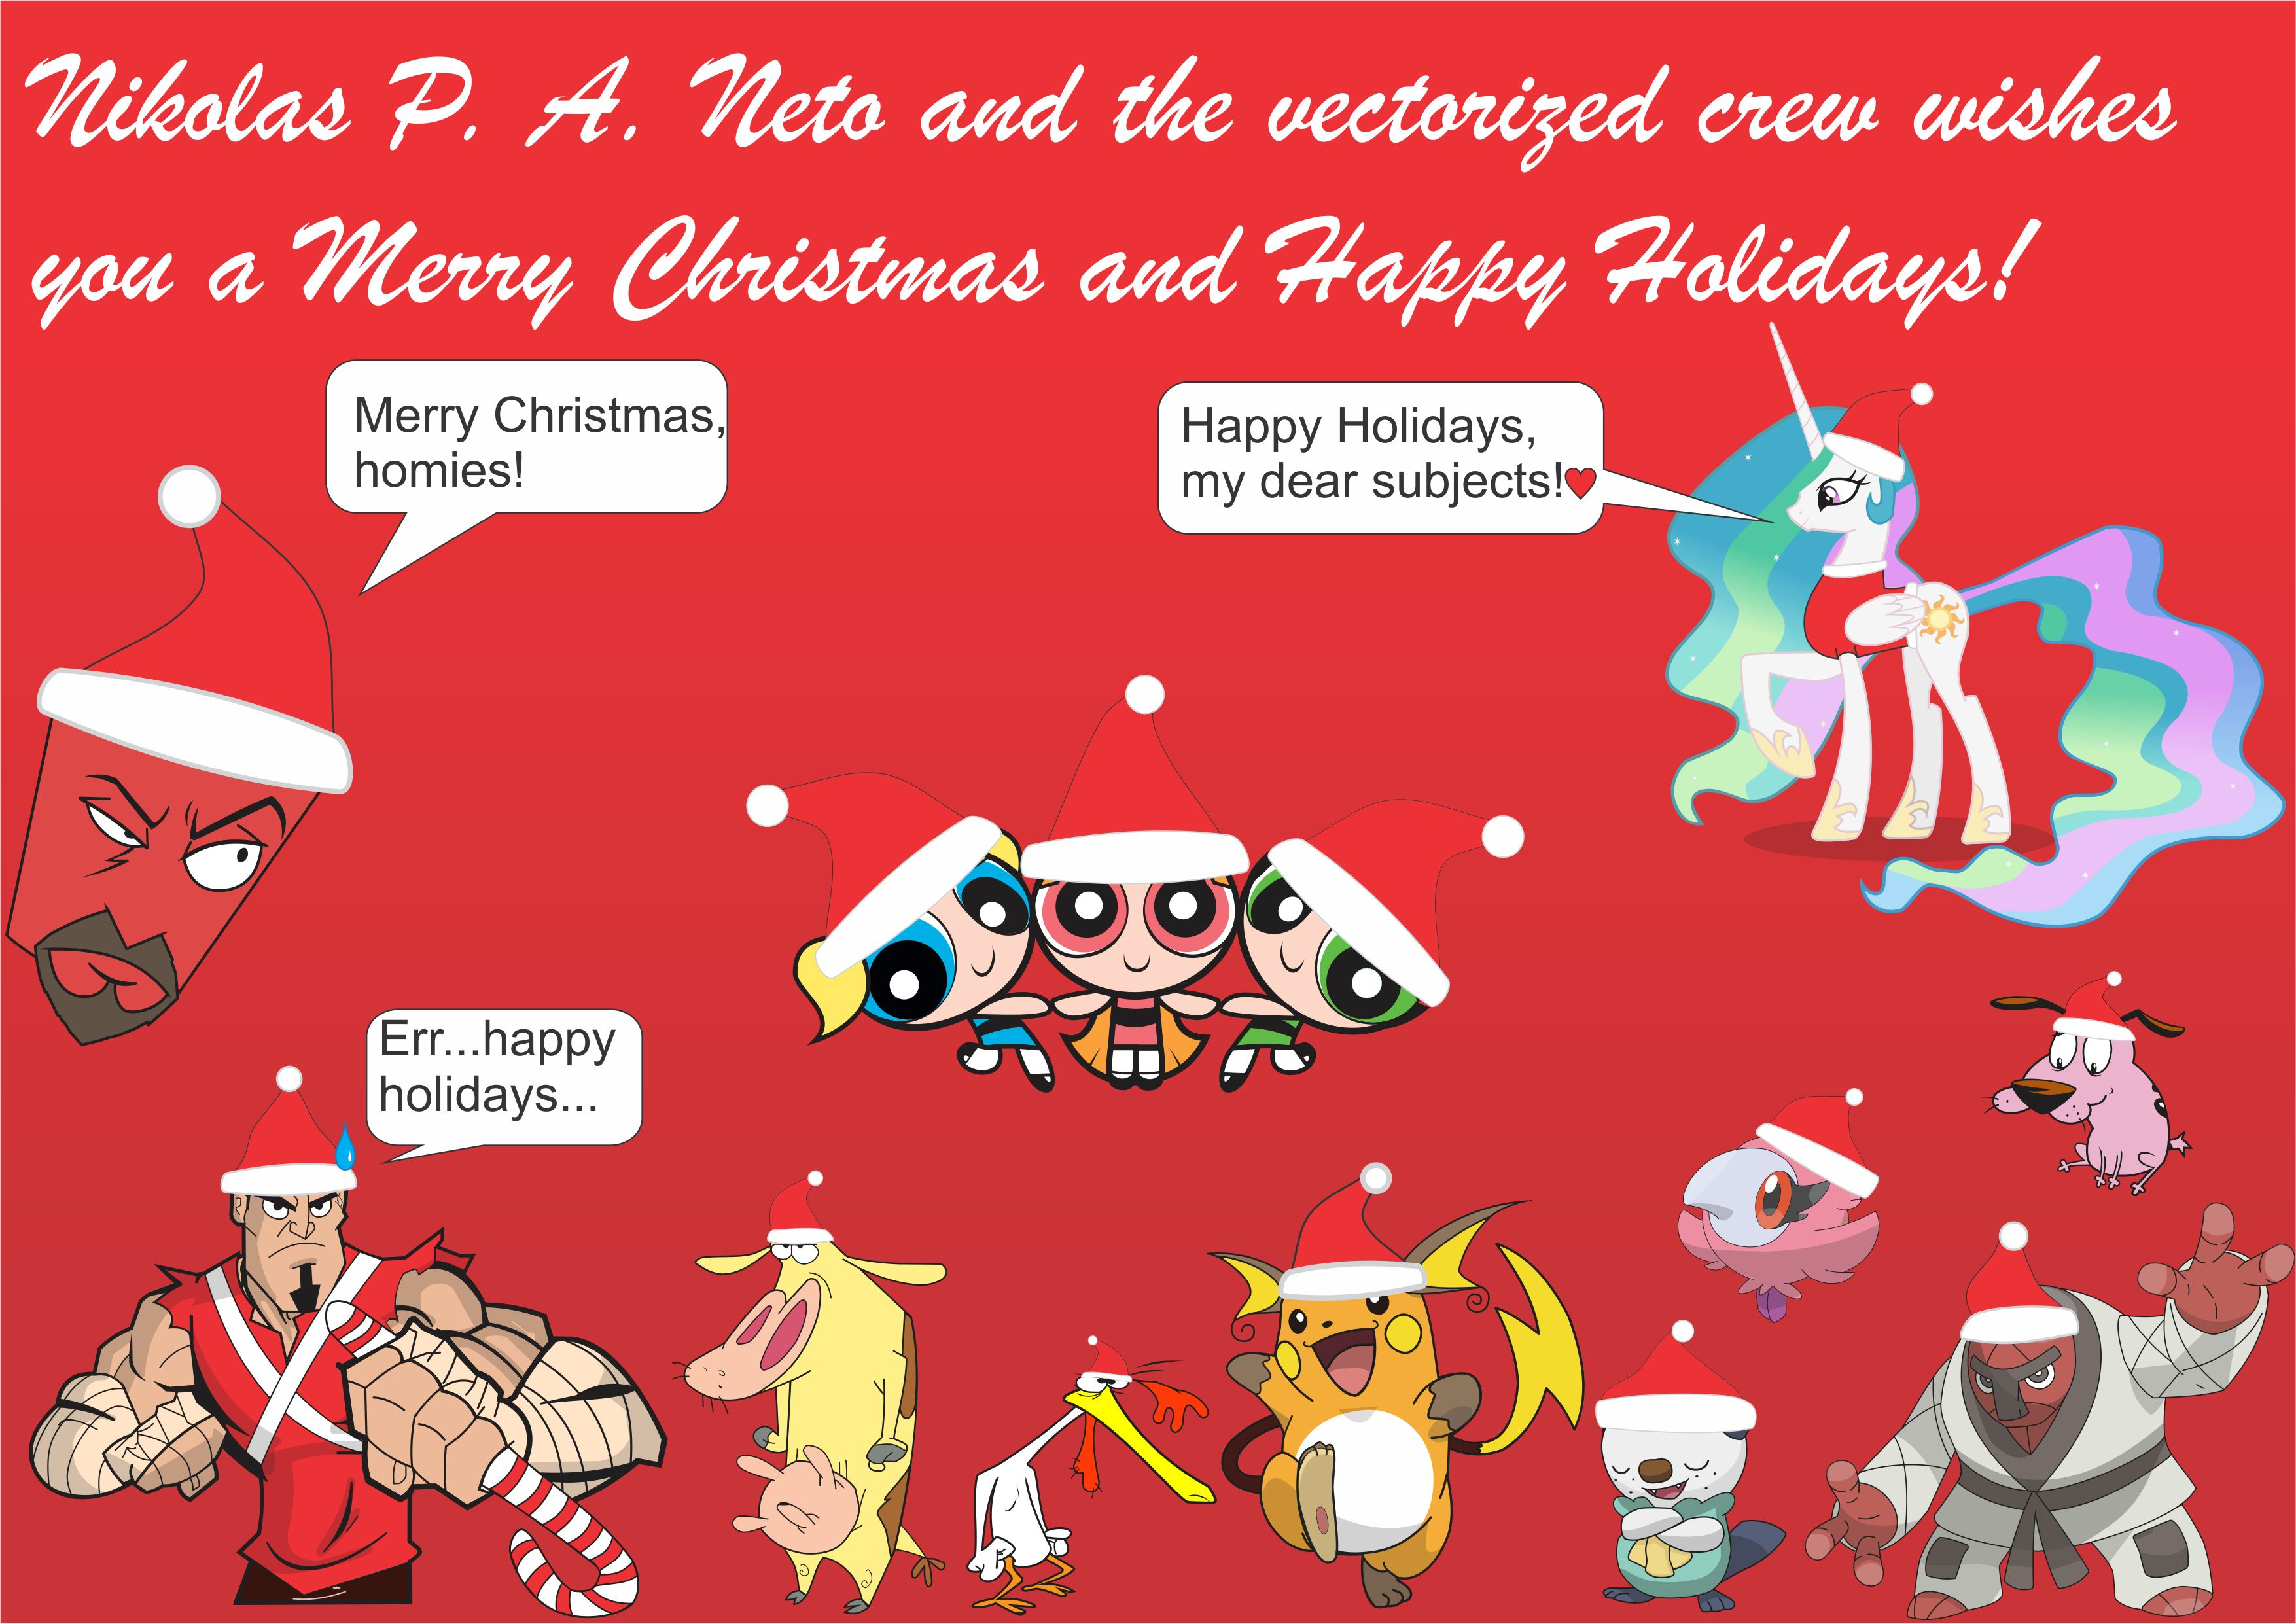 custom made christmas card - wlrtradio.com